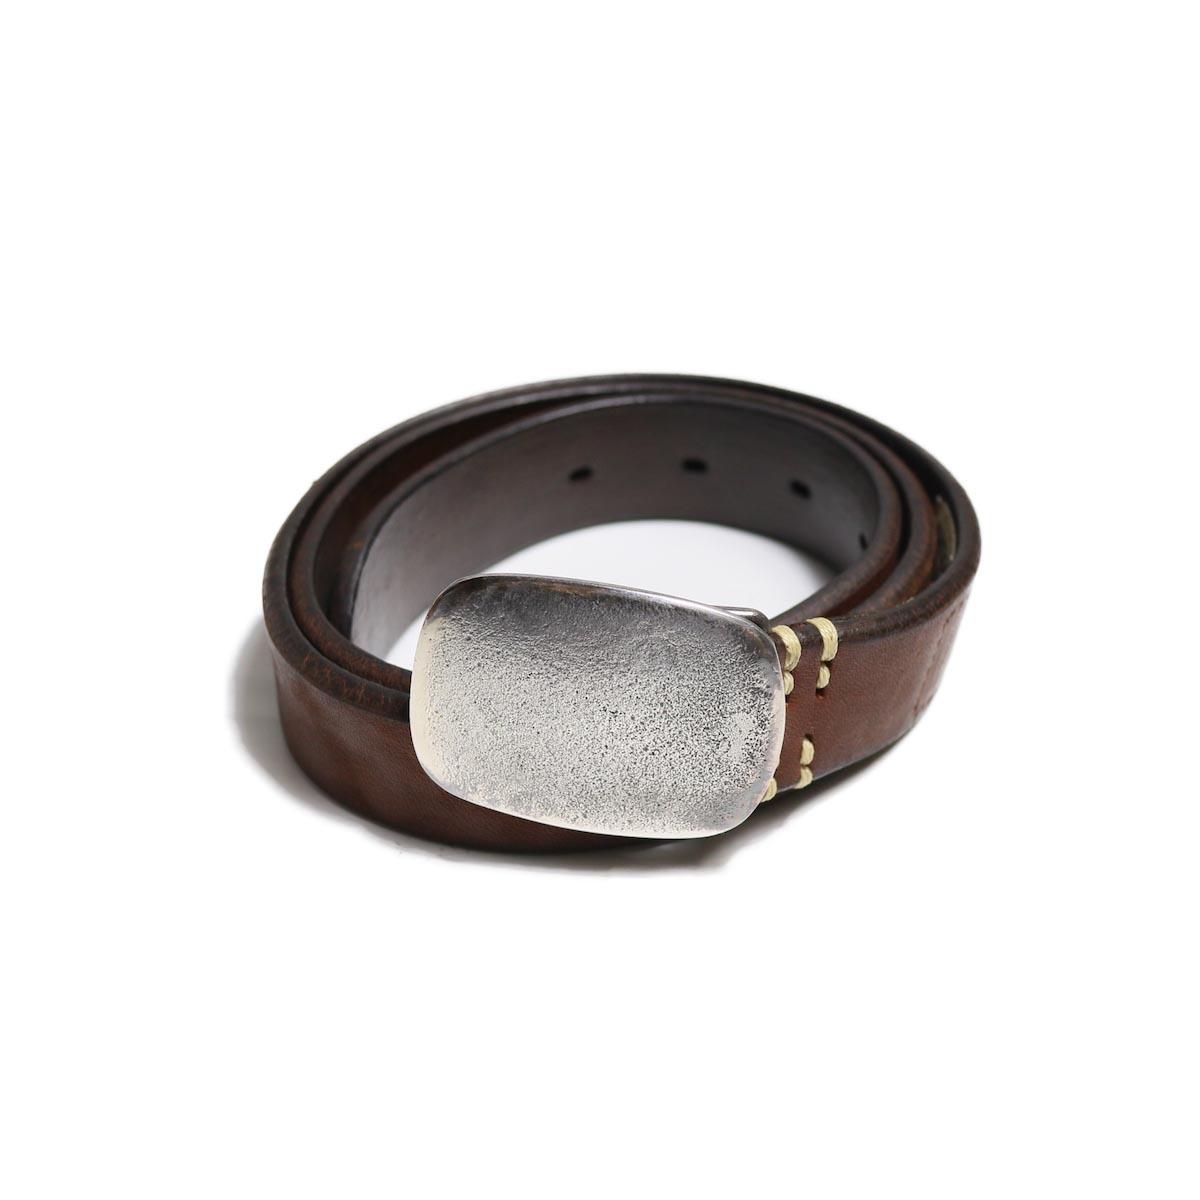 Vintage Works / DH5717 Leather Belt -BRONZE